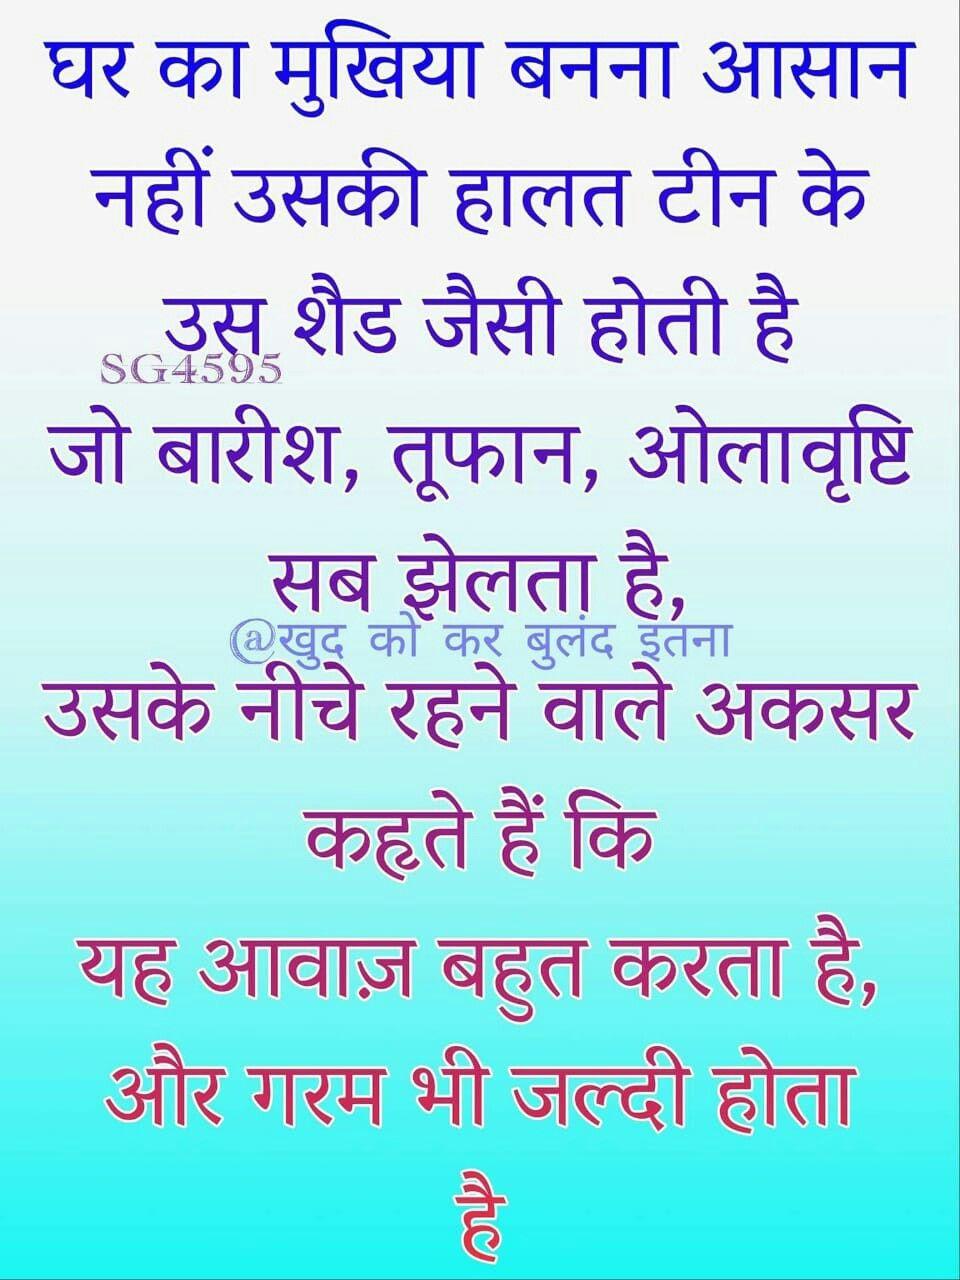 Pin By Vijay Pandya On Shayari Hindi Quotes Quotes Inspirational